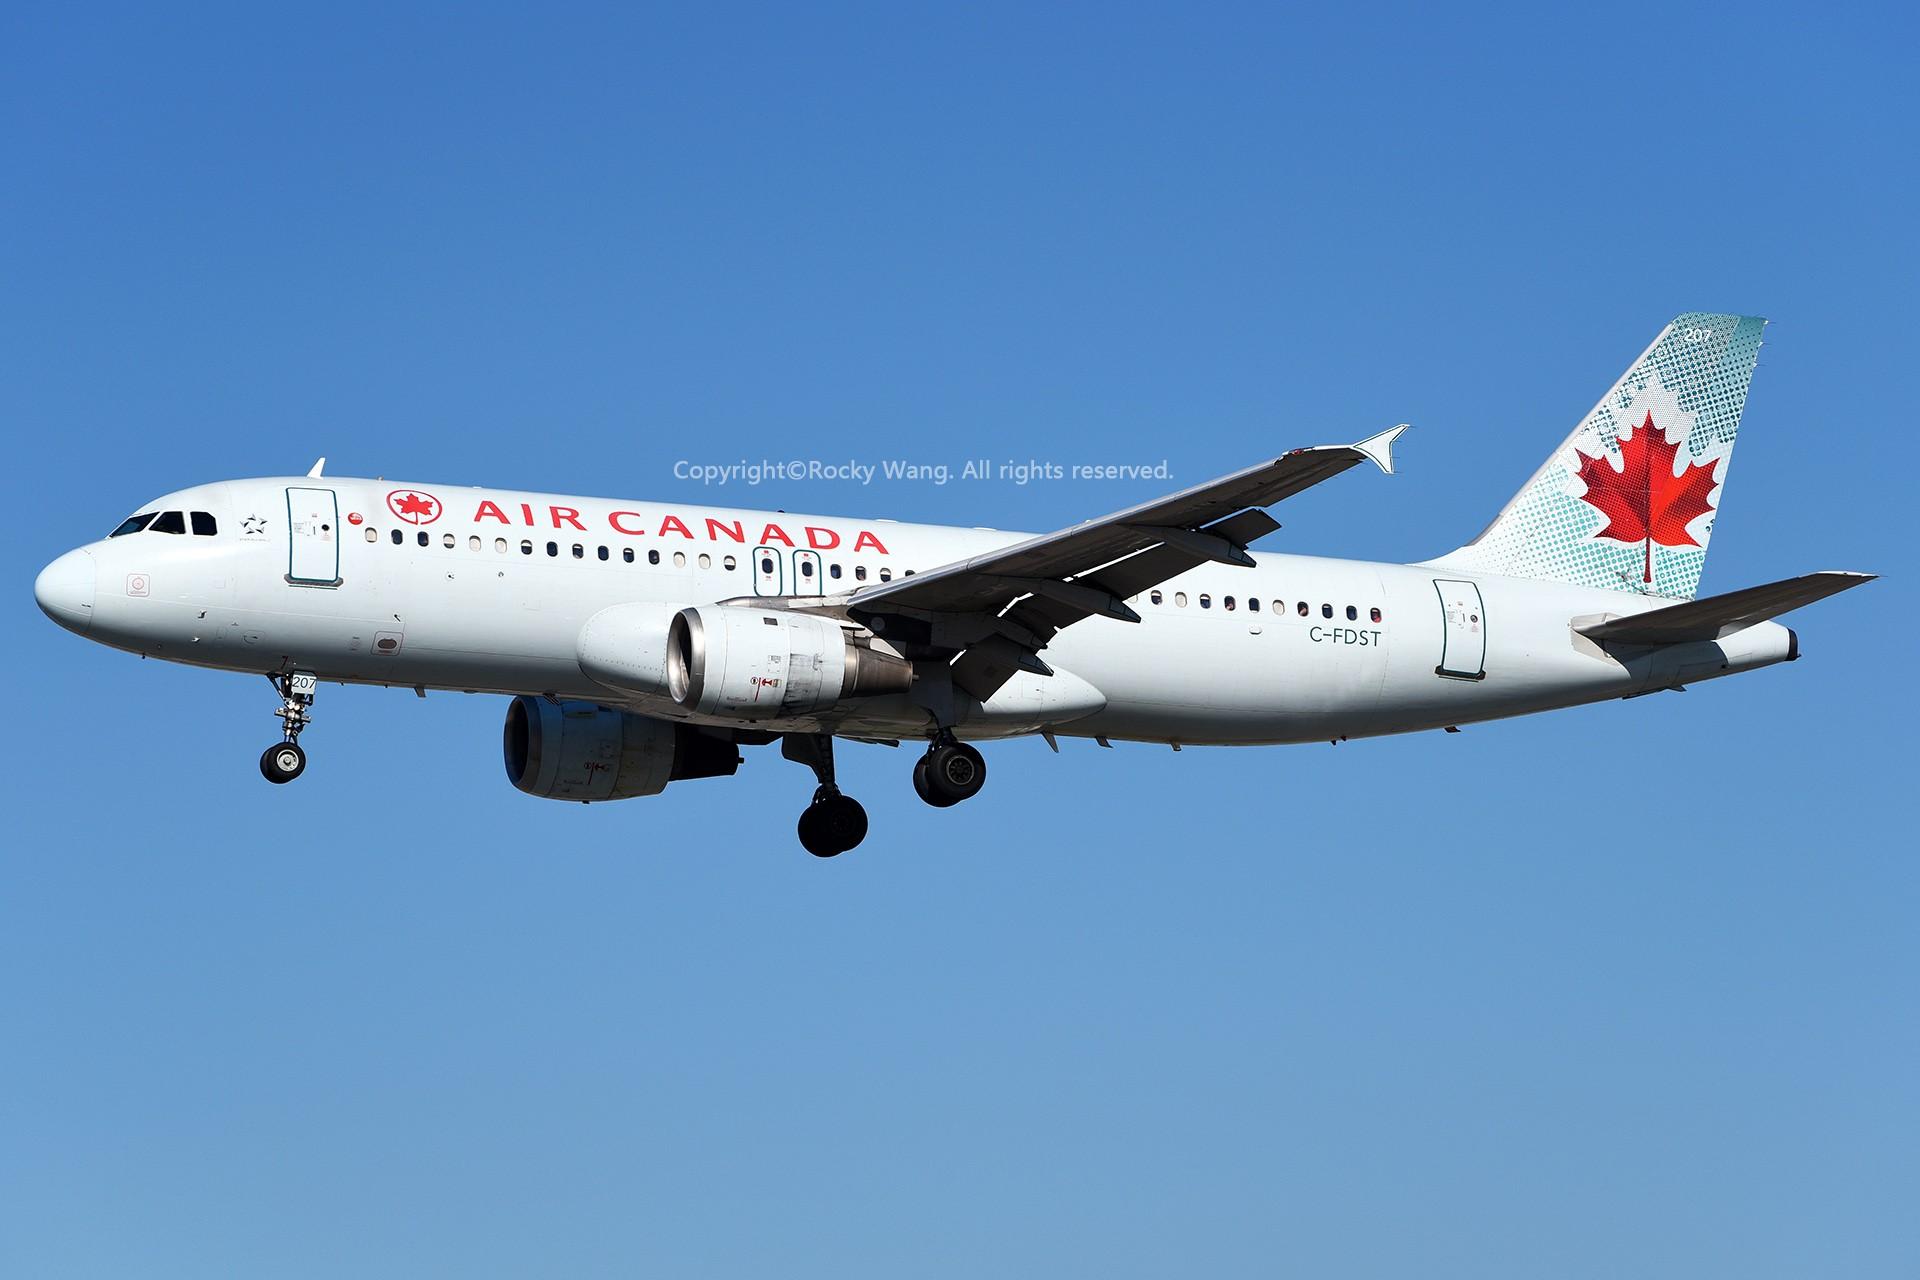 Re:[原创]窄体连连看 AIRBUS A320-211 C-FDST 加拿大多伦多皮尔逊机场